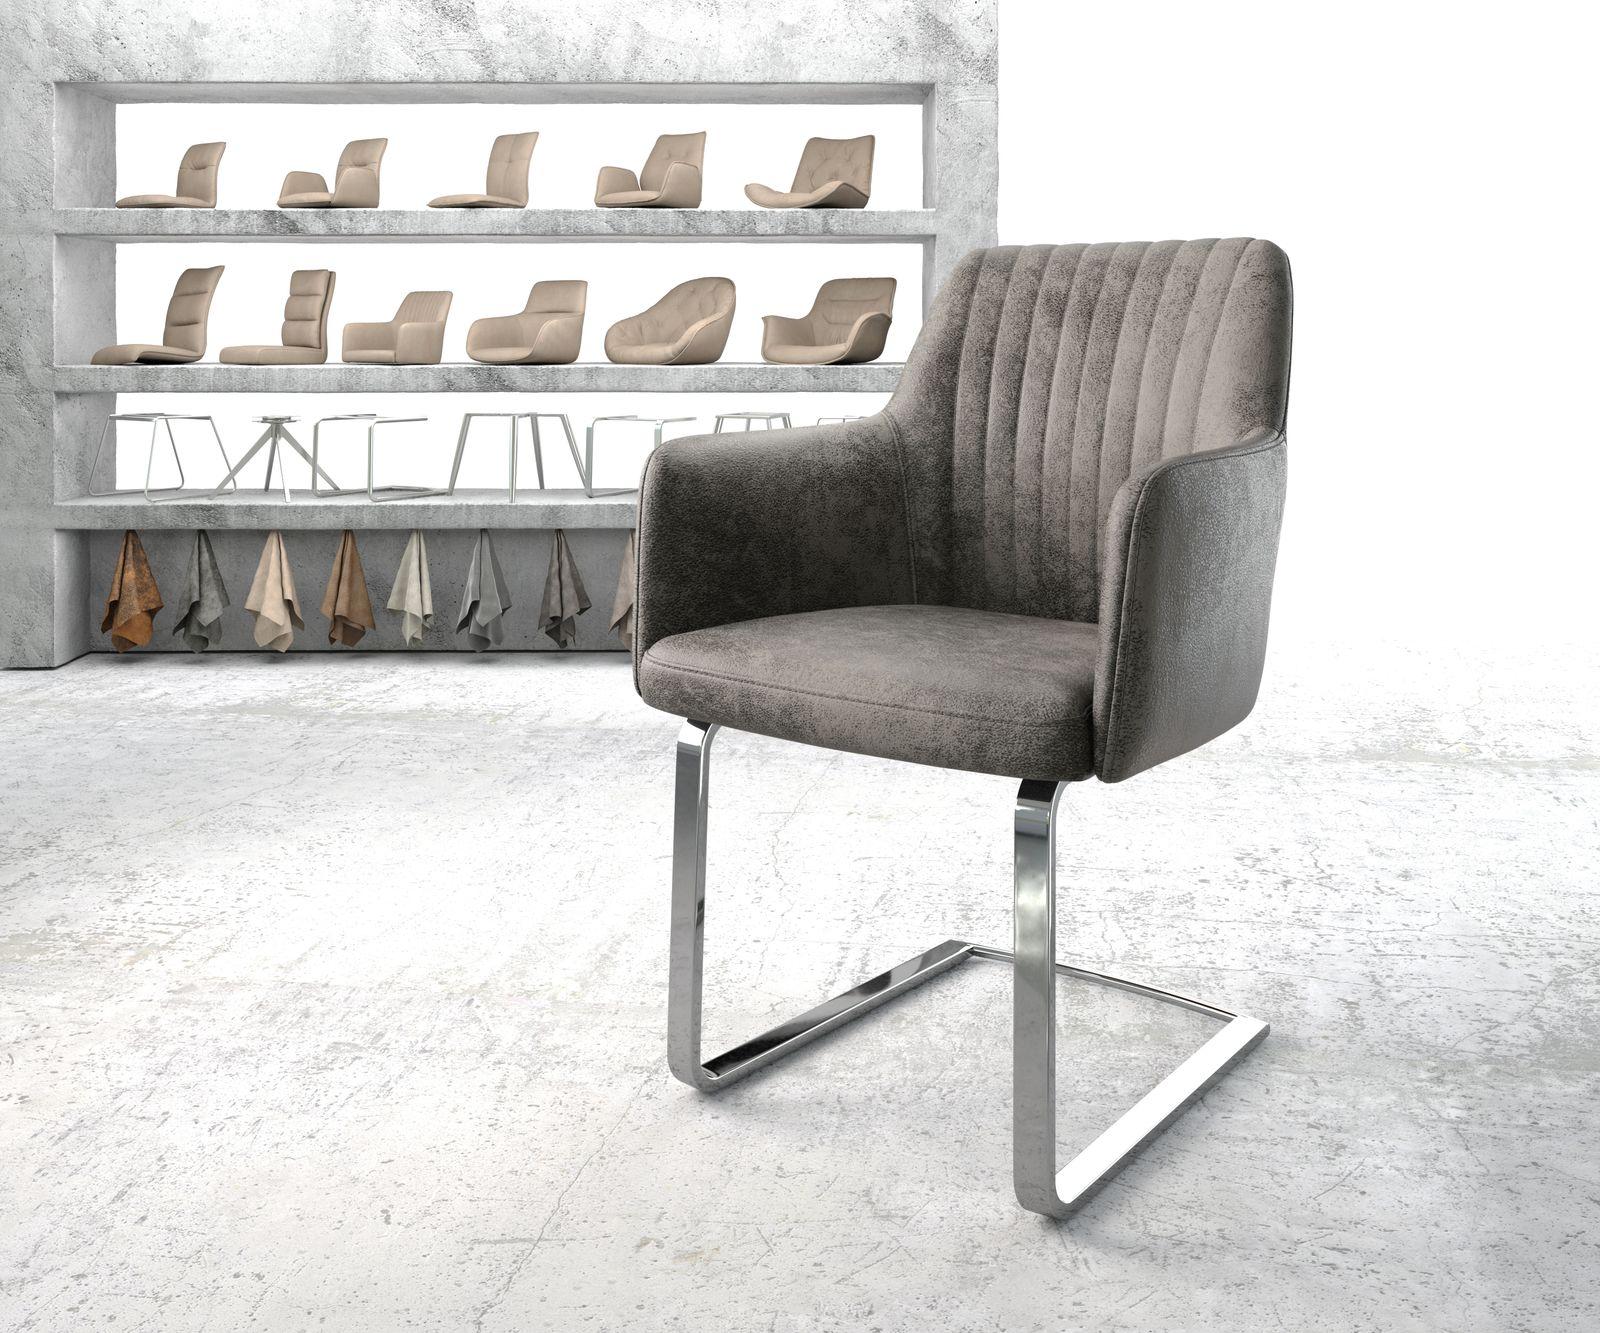 delife-armlehnstuhl-greg-flex-grau-vintage-freischwinger-flach-verchromt-esszimmerstuhle